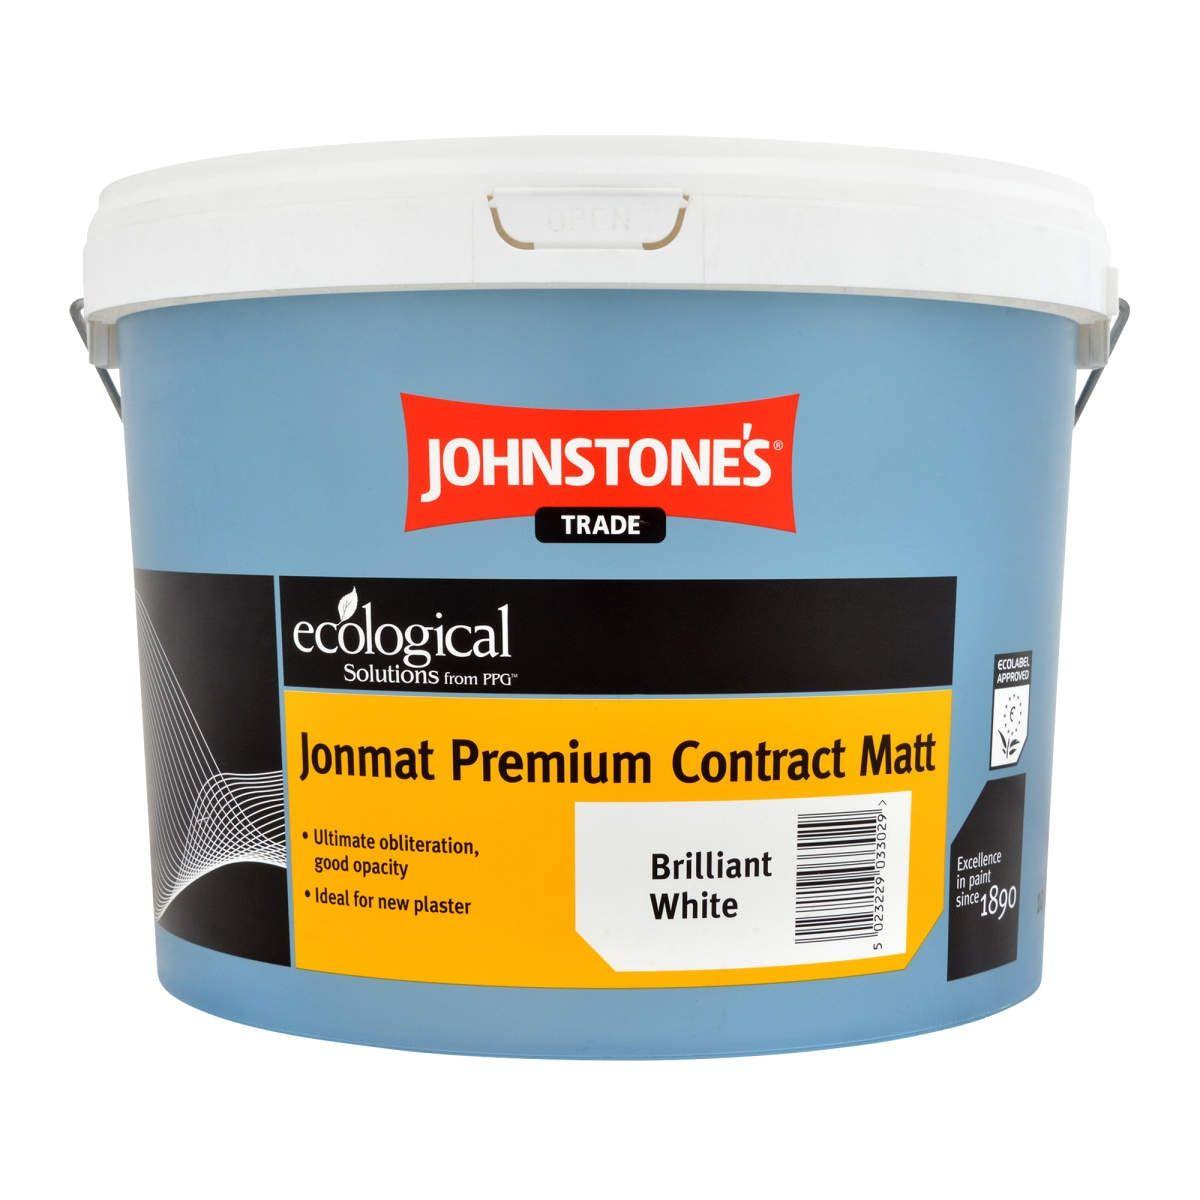 Johnstone's Trade Jonmat Premium Contract Matt Brilliant White 10L